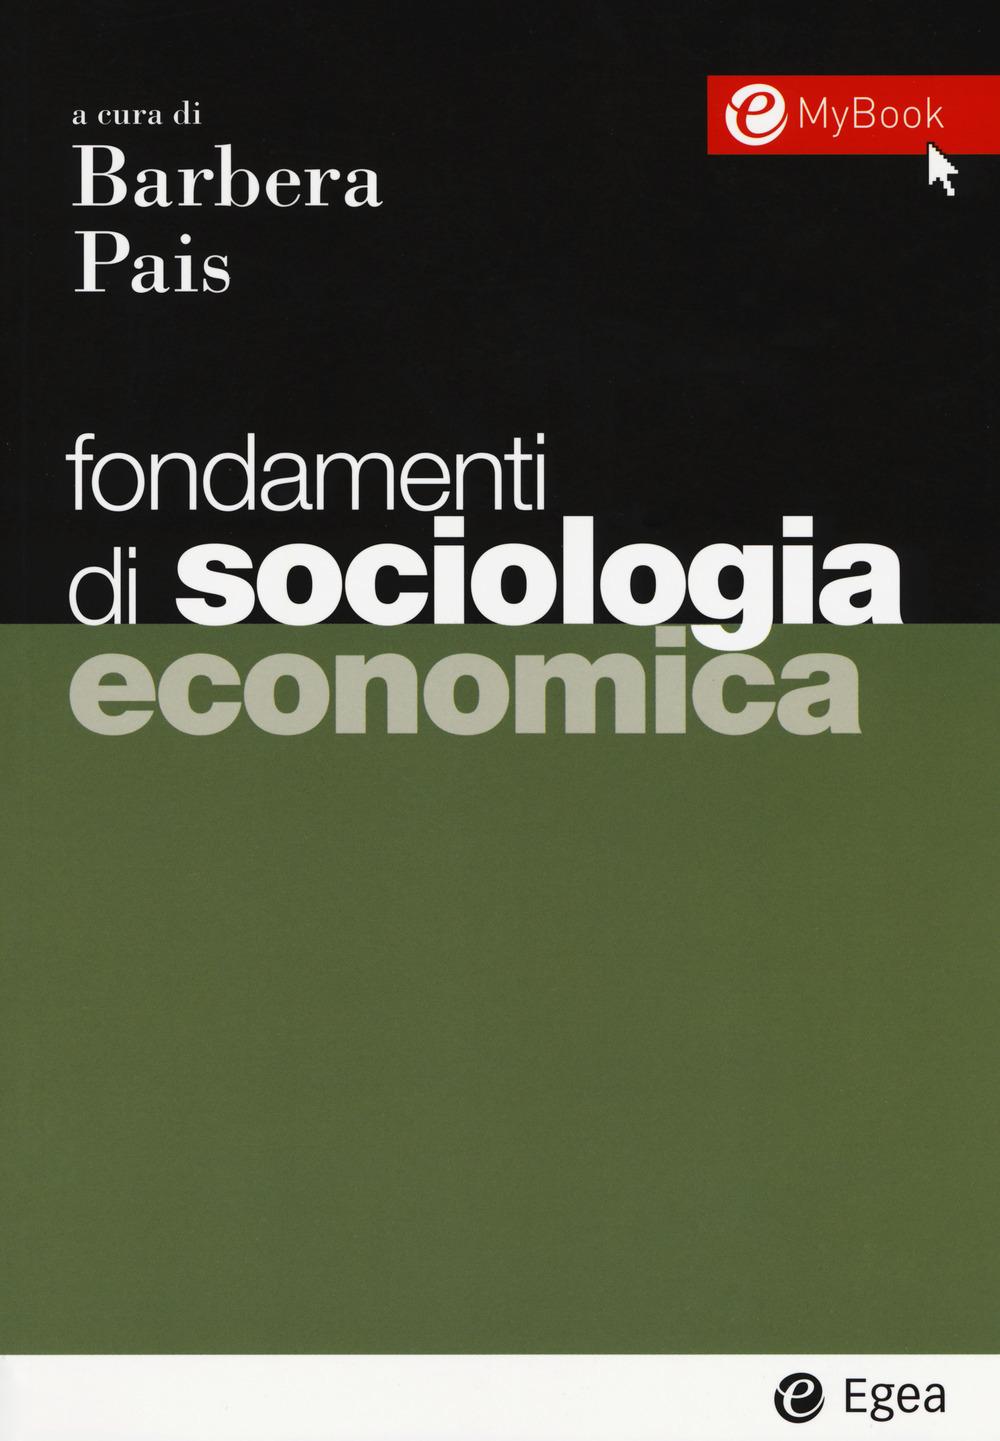 Fondamenti di sociologia economica